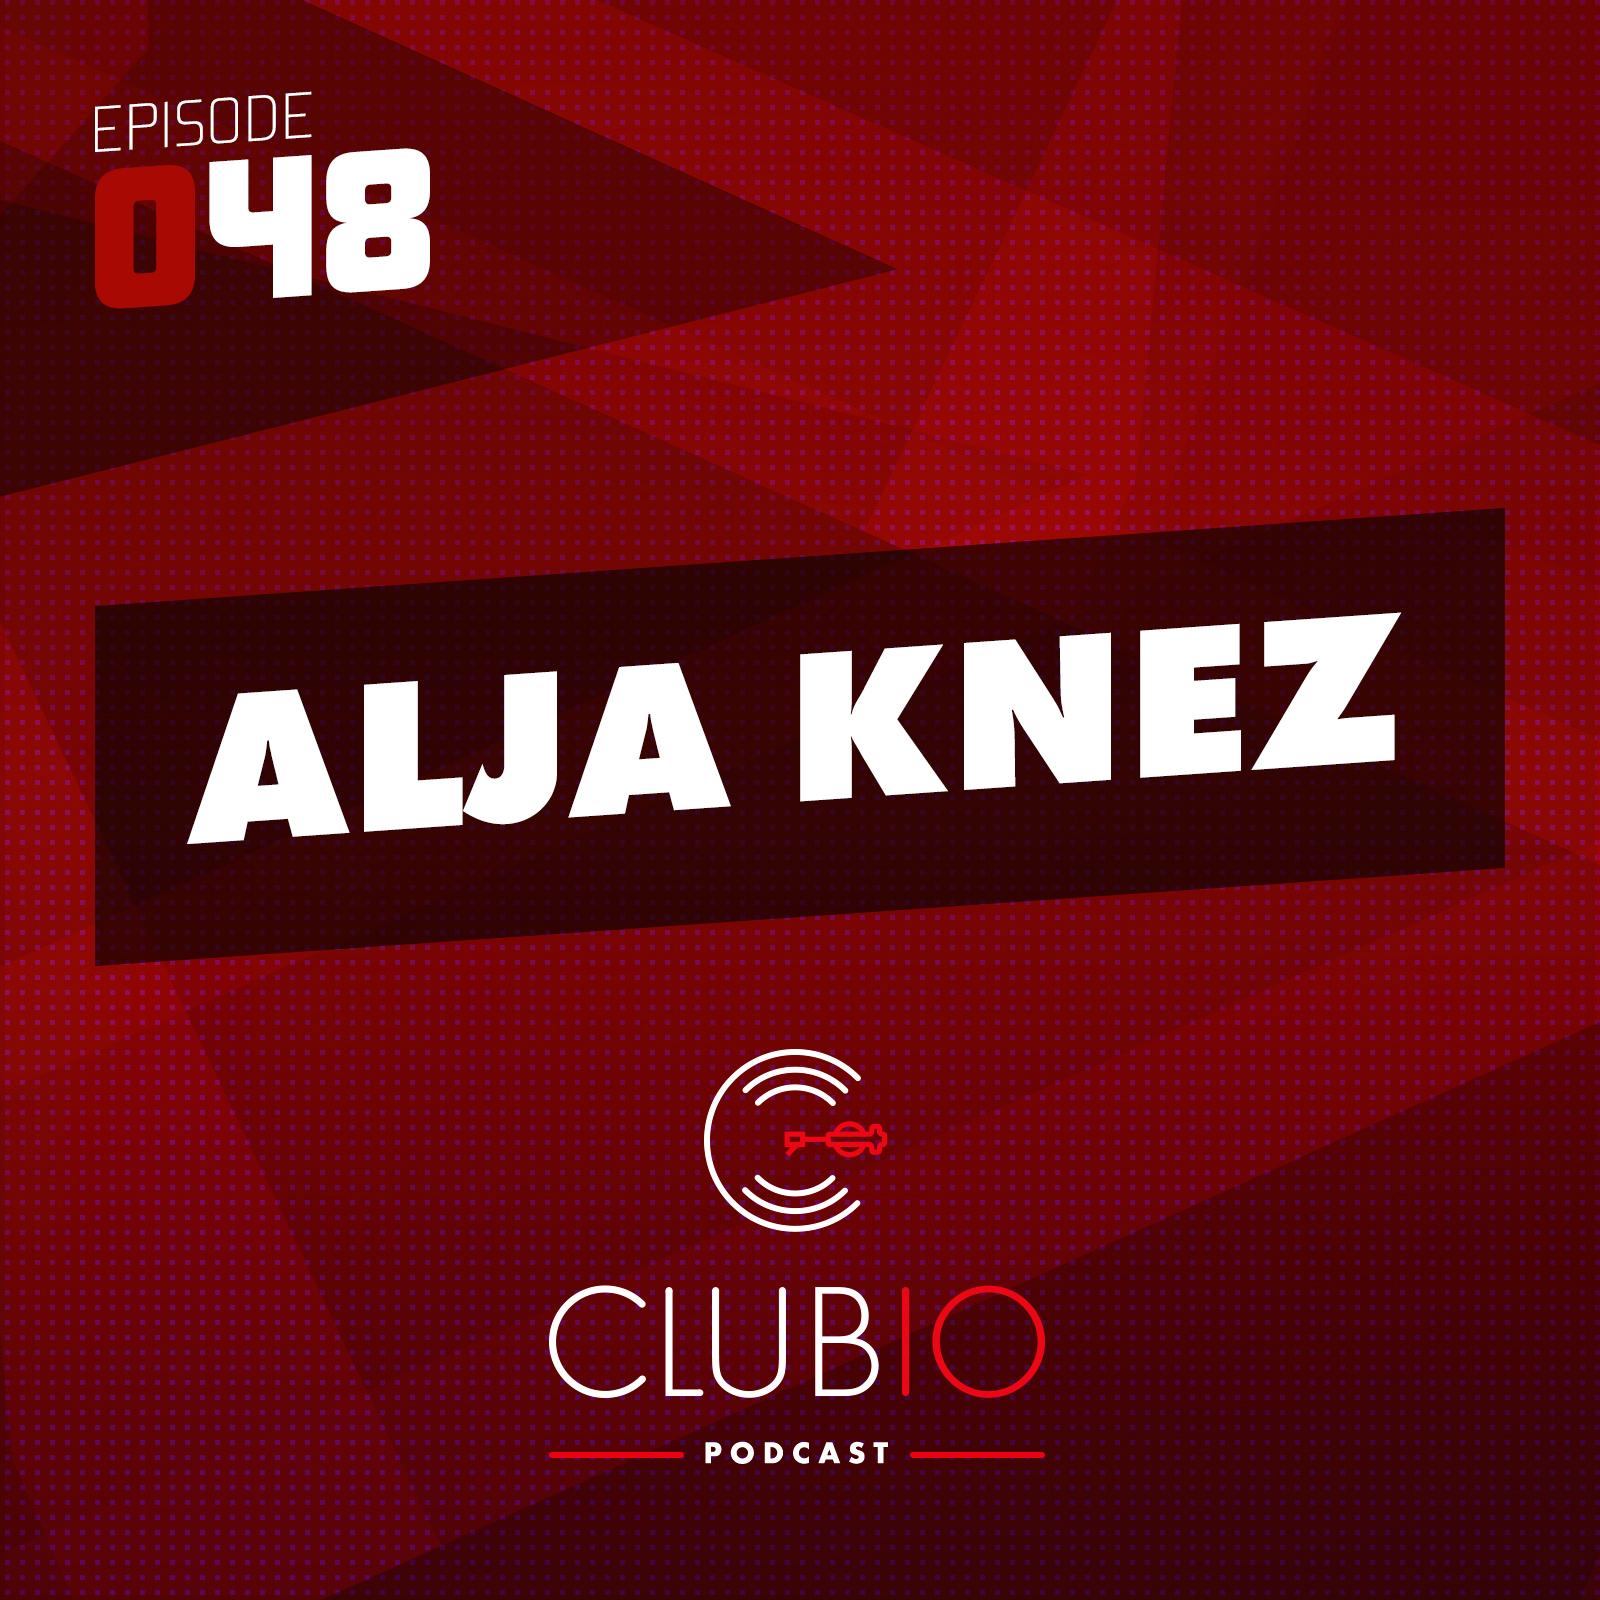 Clubio Podcast 048 - Alja Knez